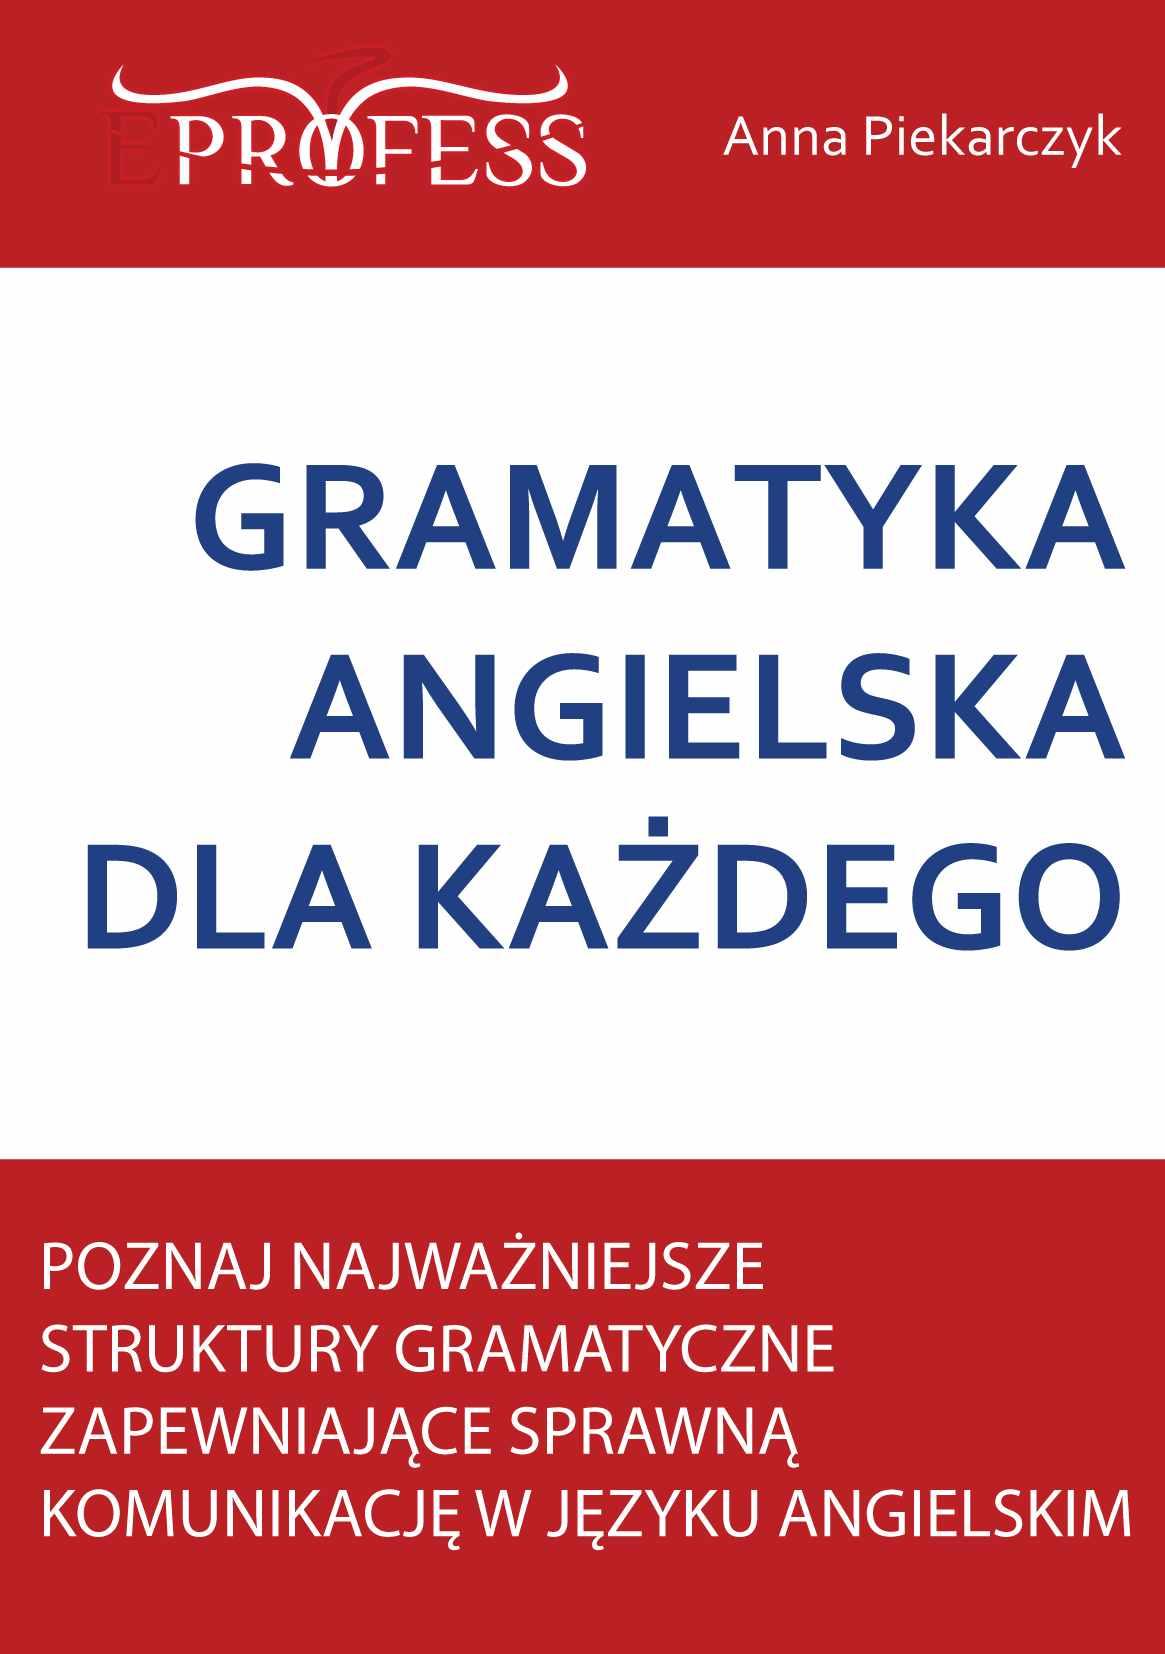 Gramatyka Angielska Dla Każdego - Ebook (Książka na Kindle) do pobrania w formacie MOBI